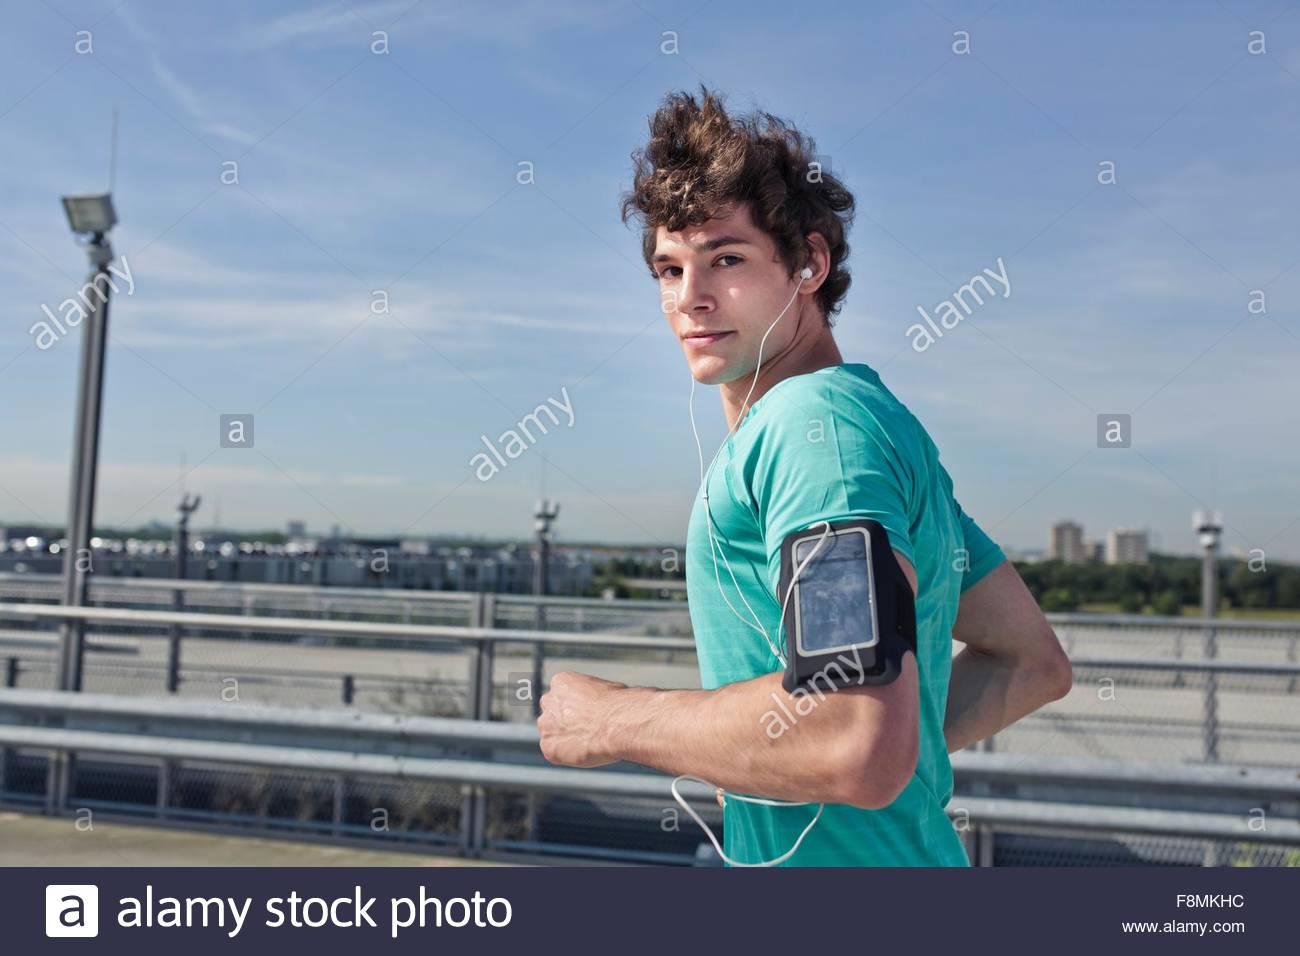 Junge männliche Läufer tragen Kopfhörer über die Schulter schauen, während des Laufens Stockbild